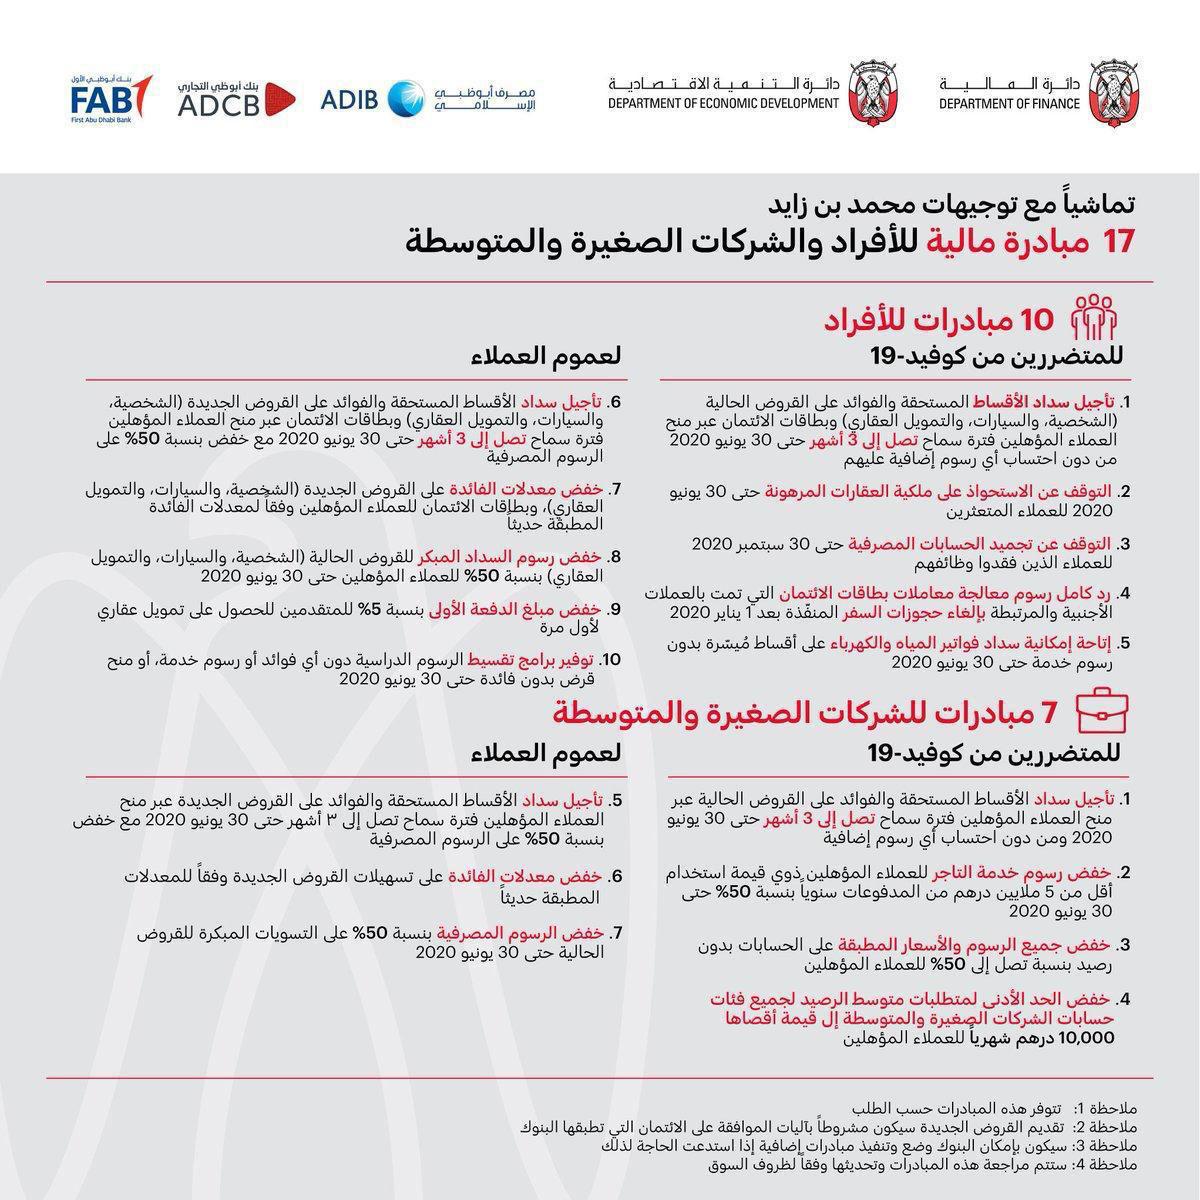 بنوك أبوظبي تطلق حزمة مبادرات لدعم المجتمع وقطاع الأعمال خلال هذه الفترة